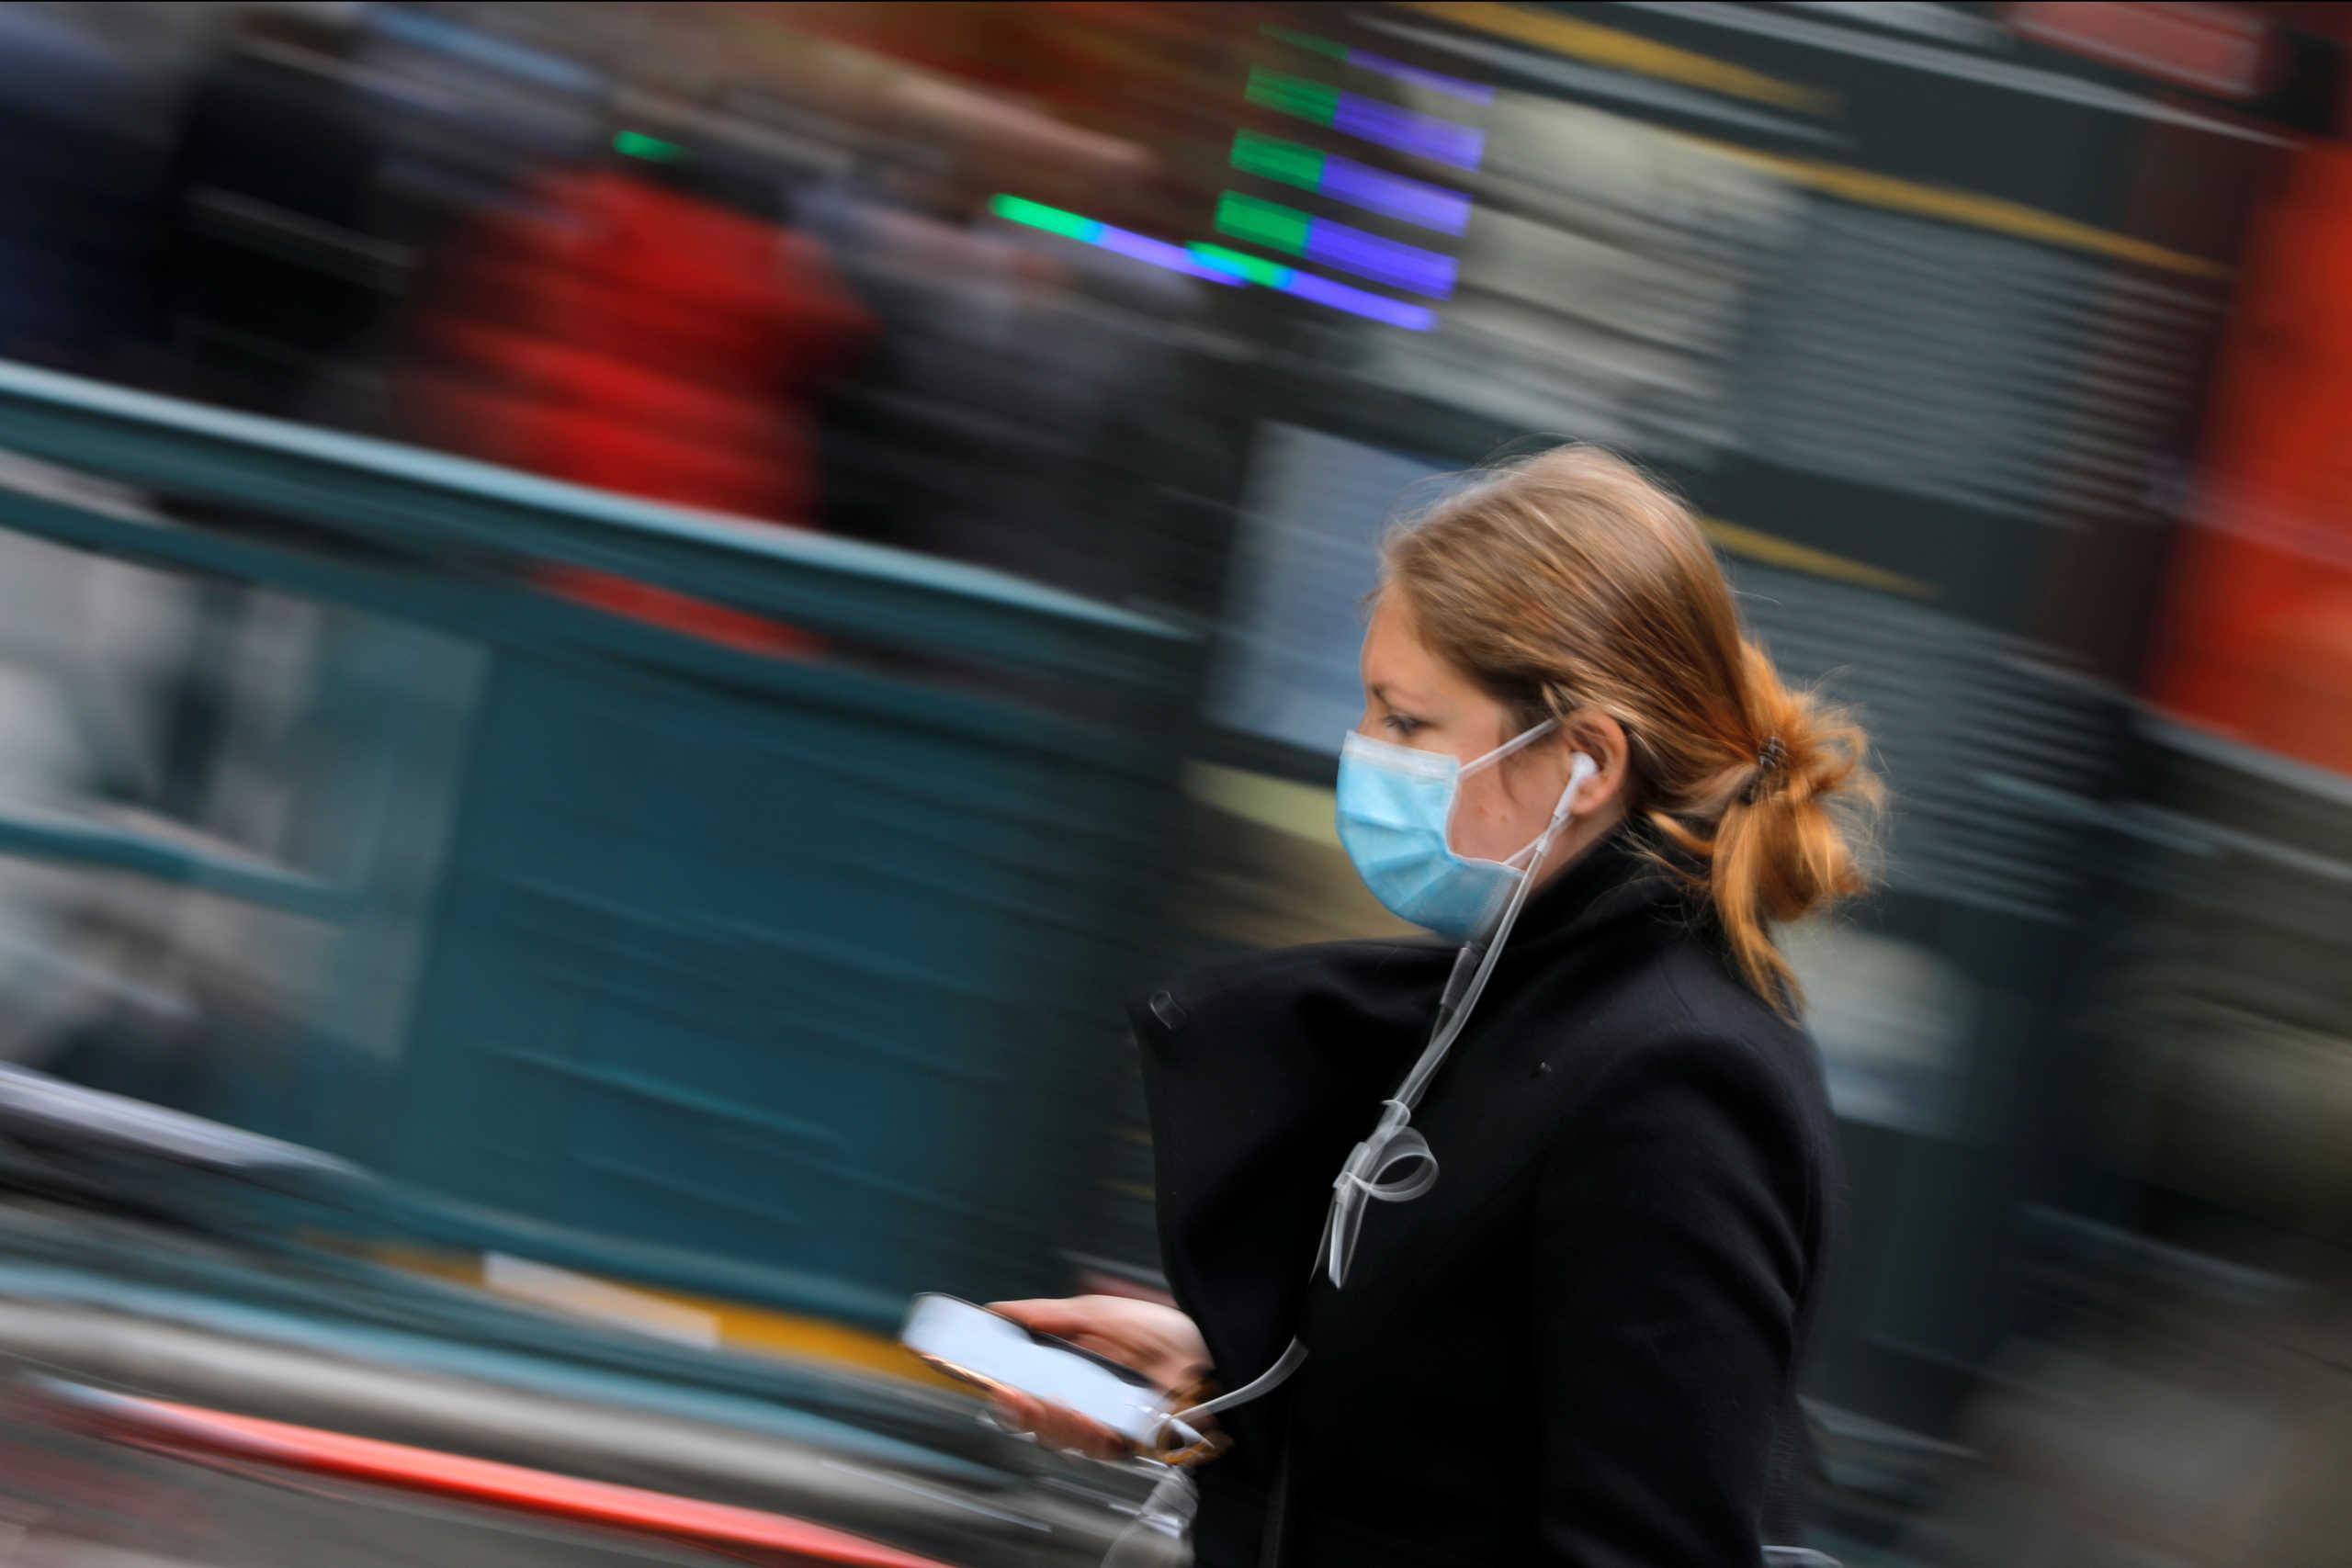 Κορονοϊός: Αυτή είναι η εγκύκλιος για τους δημοσίους υπαλλήλους! Τι θα συμβεί με τις άδειες